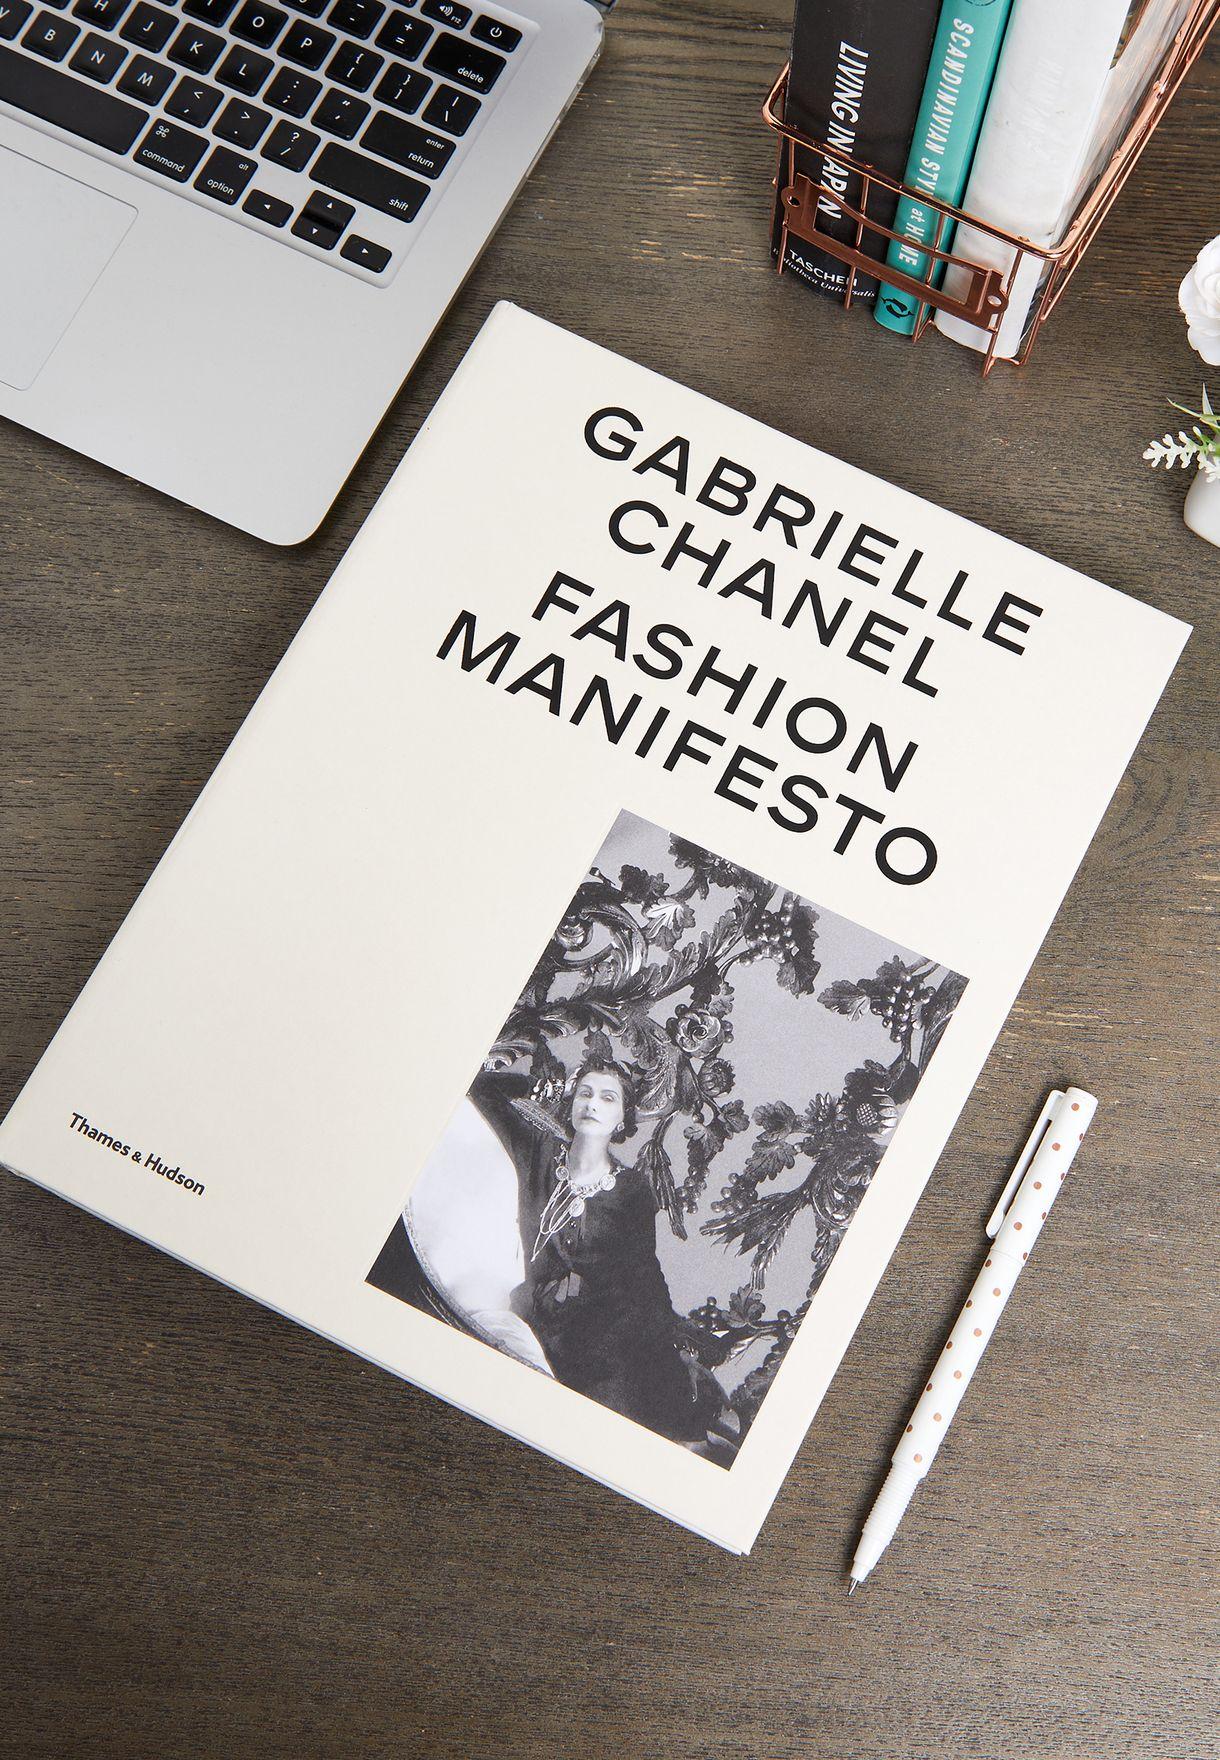 بيان أزياء غابرييل شانيل